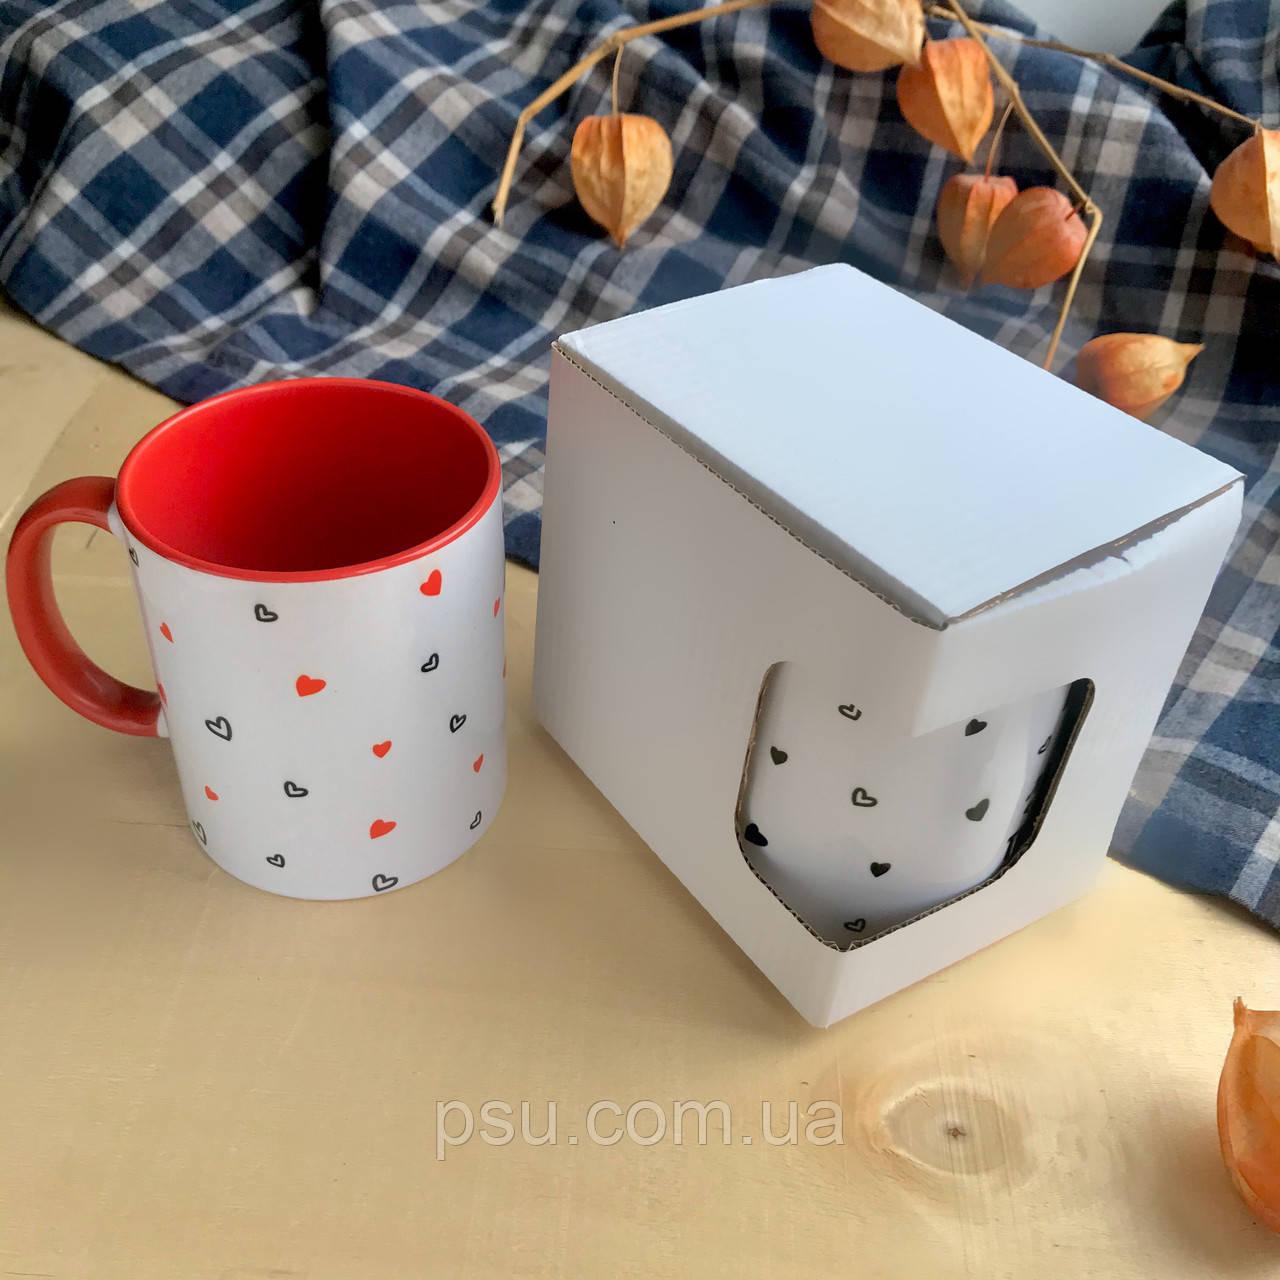 Коробочка для чашек картонная с окошком